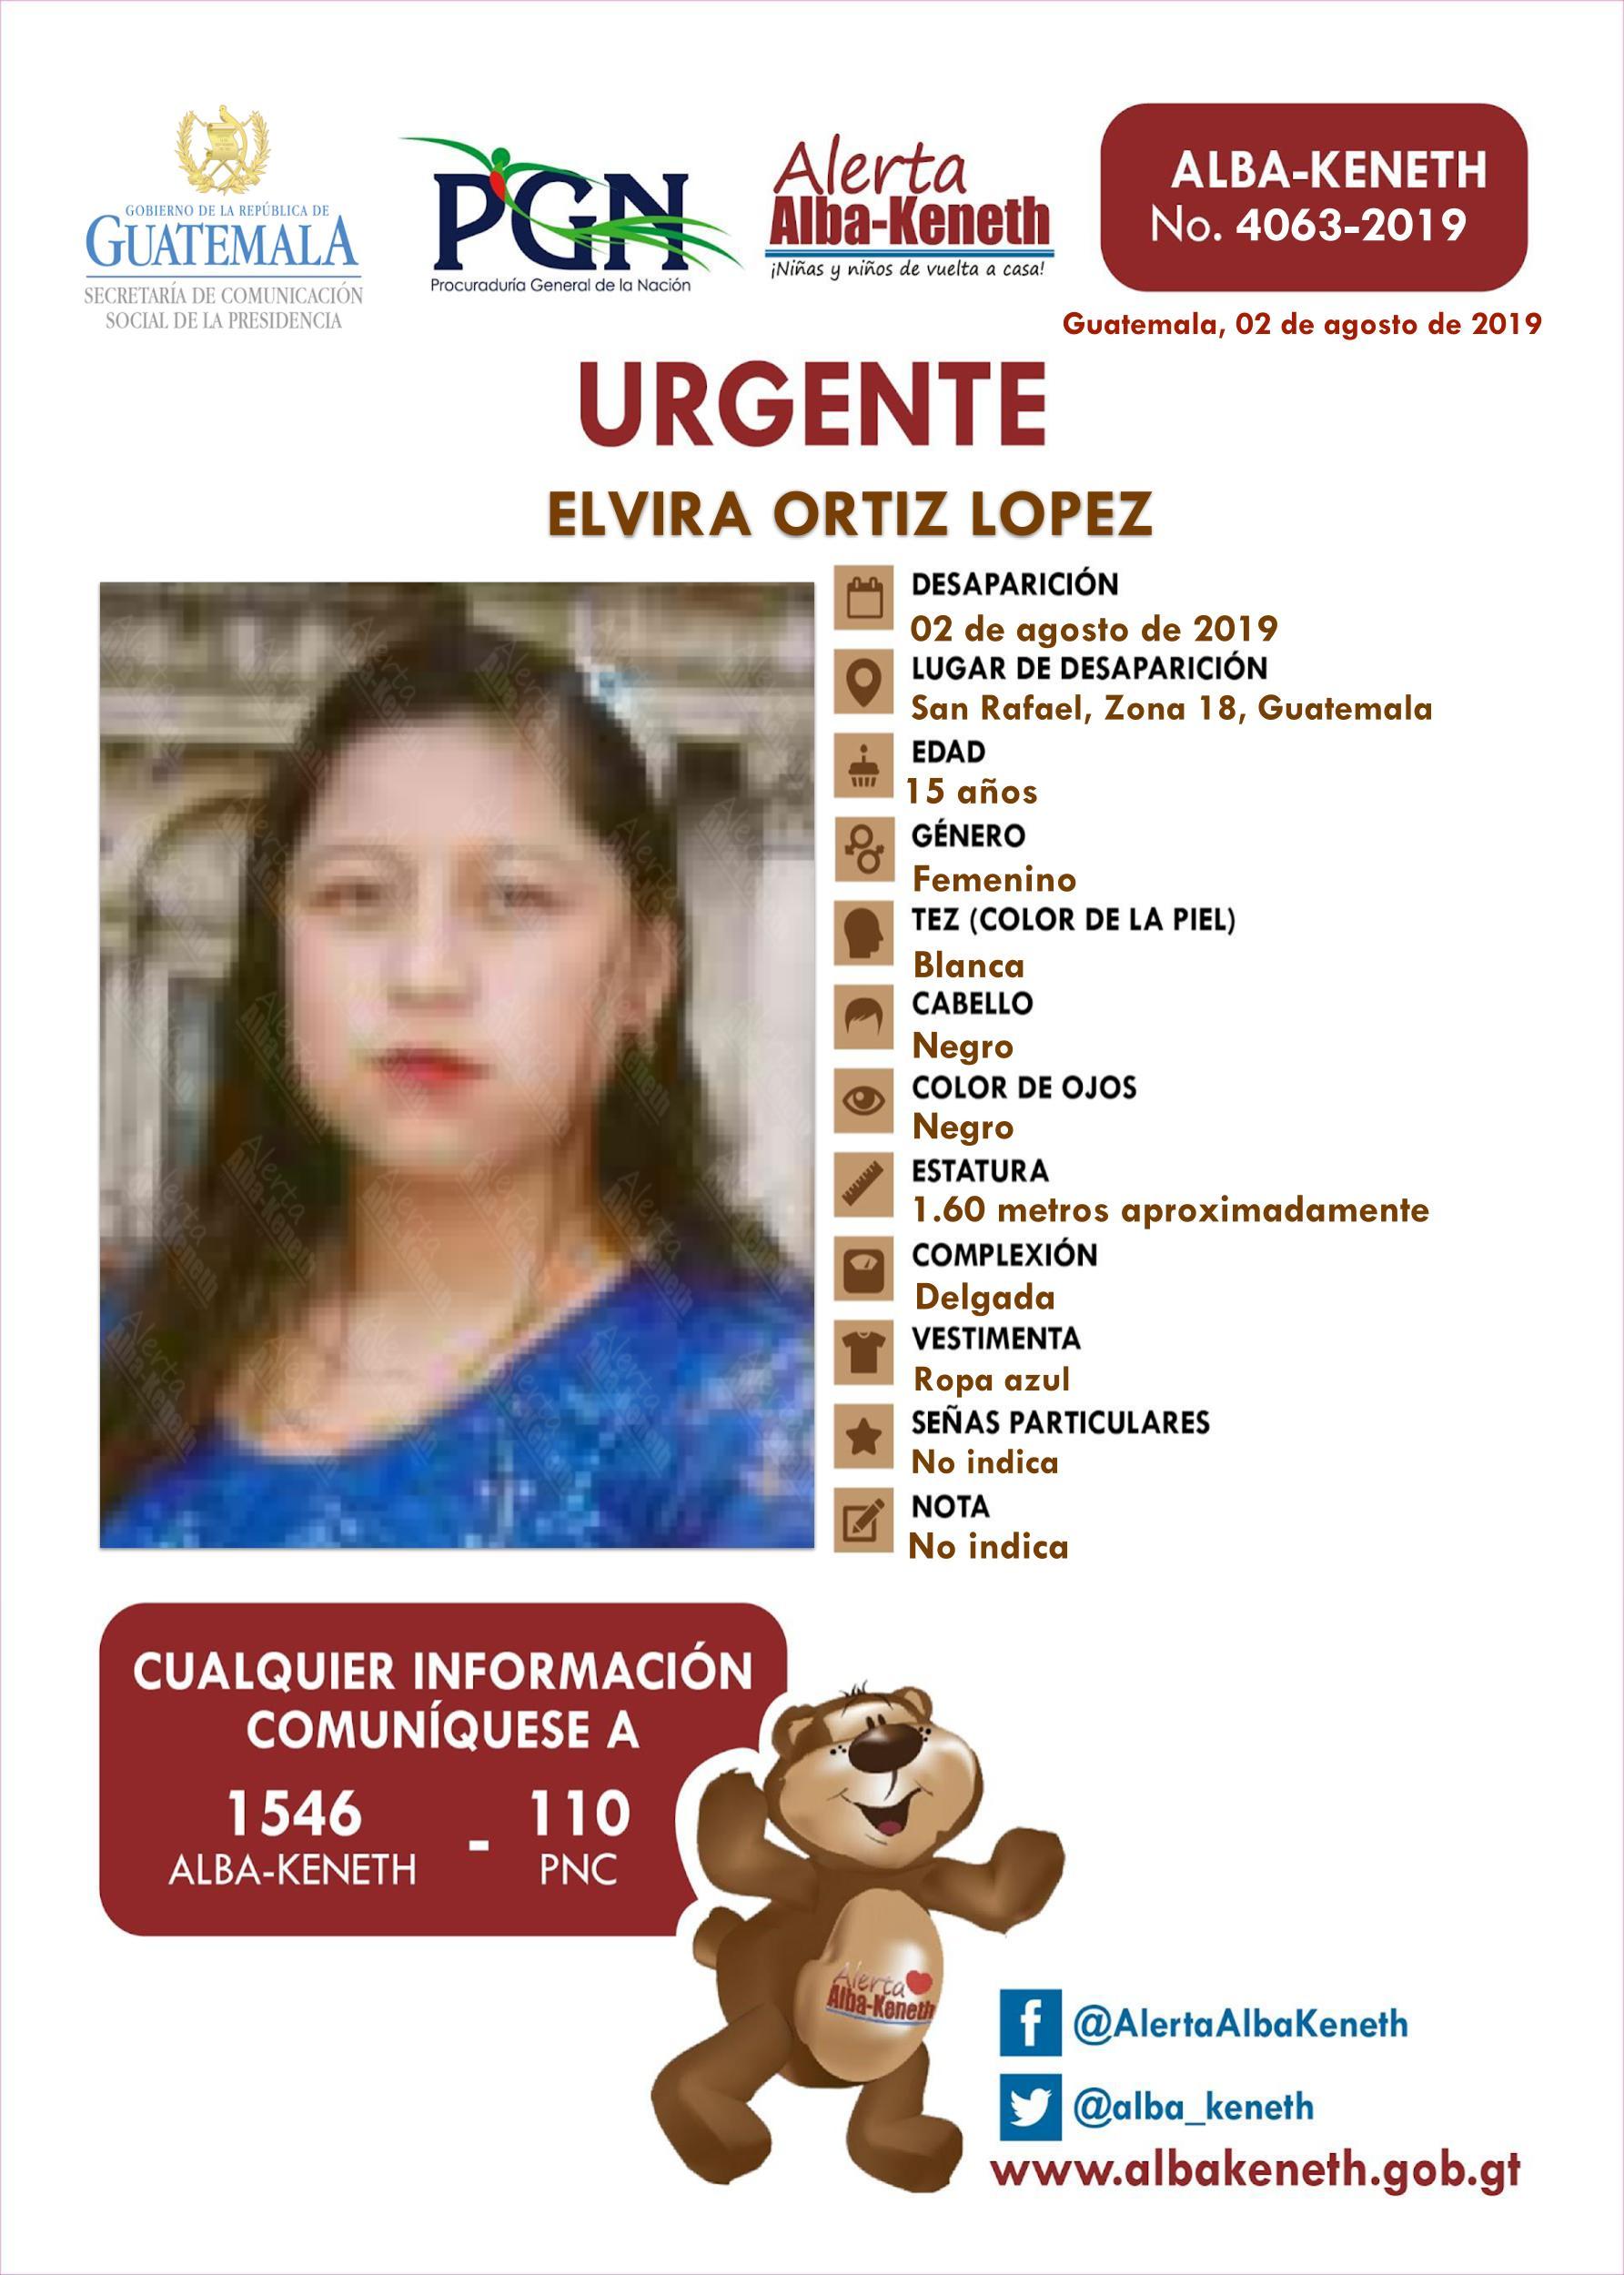 Elvira Ortiz Lopez